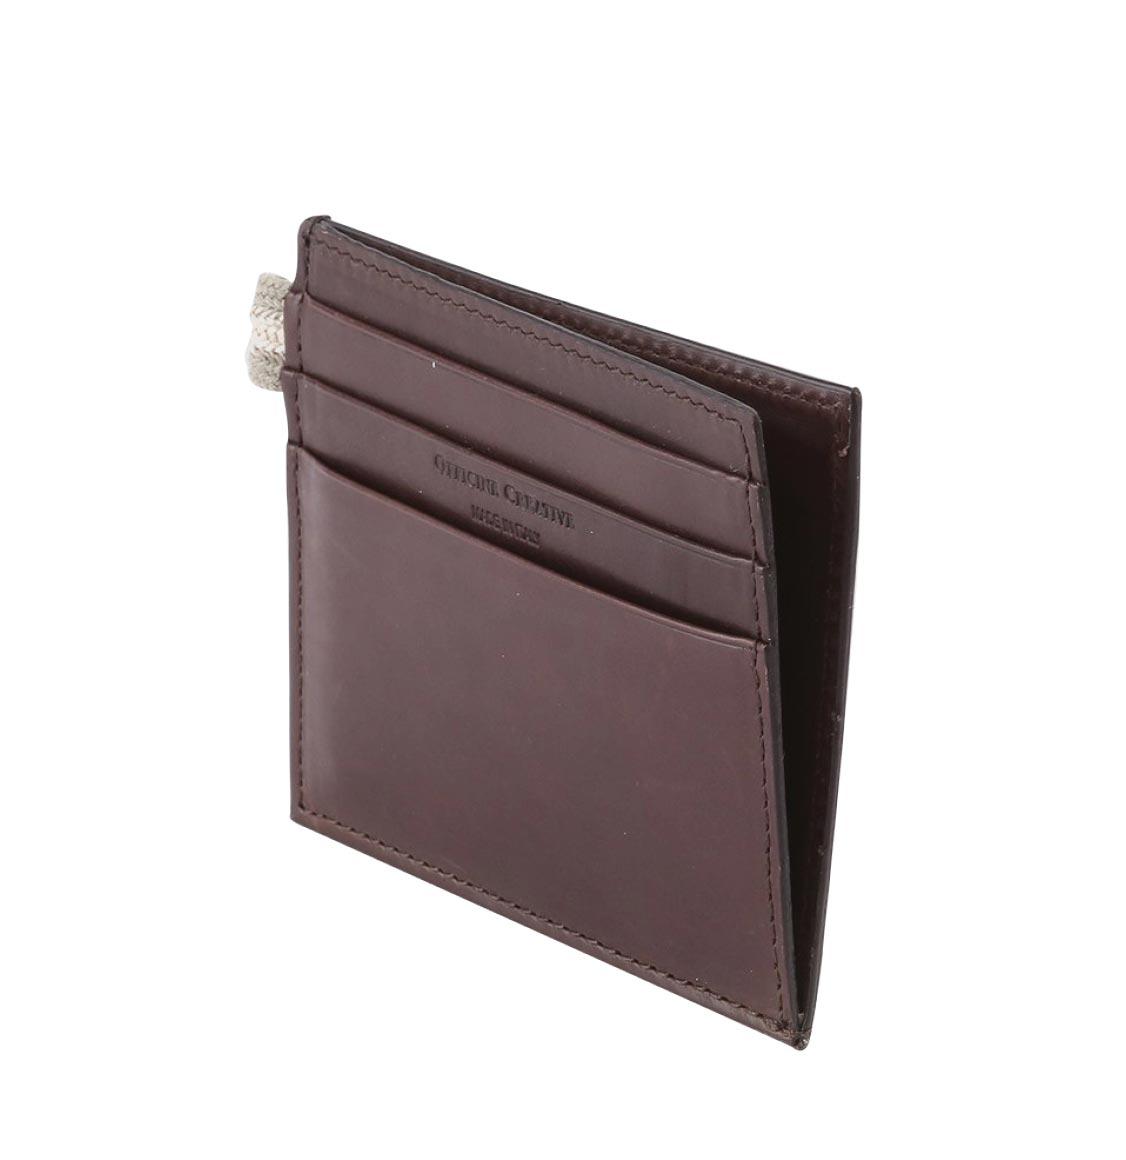 Officine Creative Dark Brown Leather Card Case